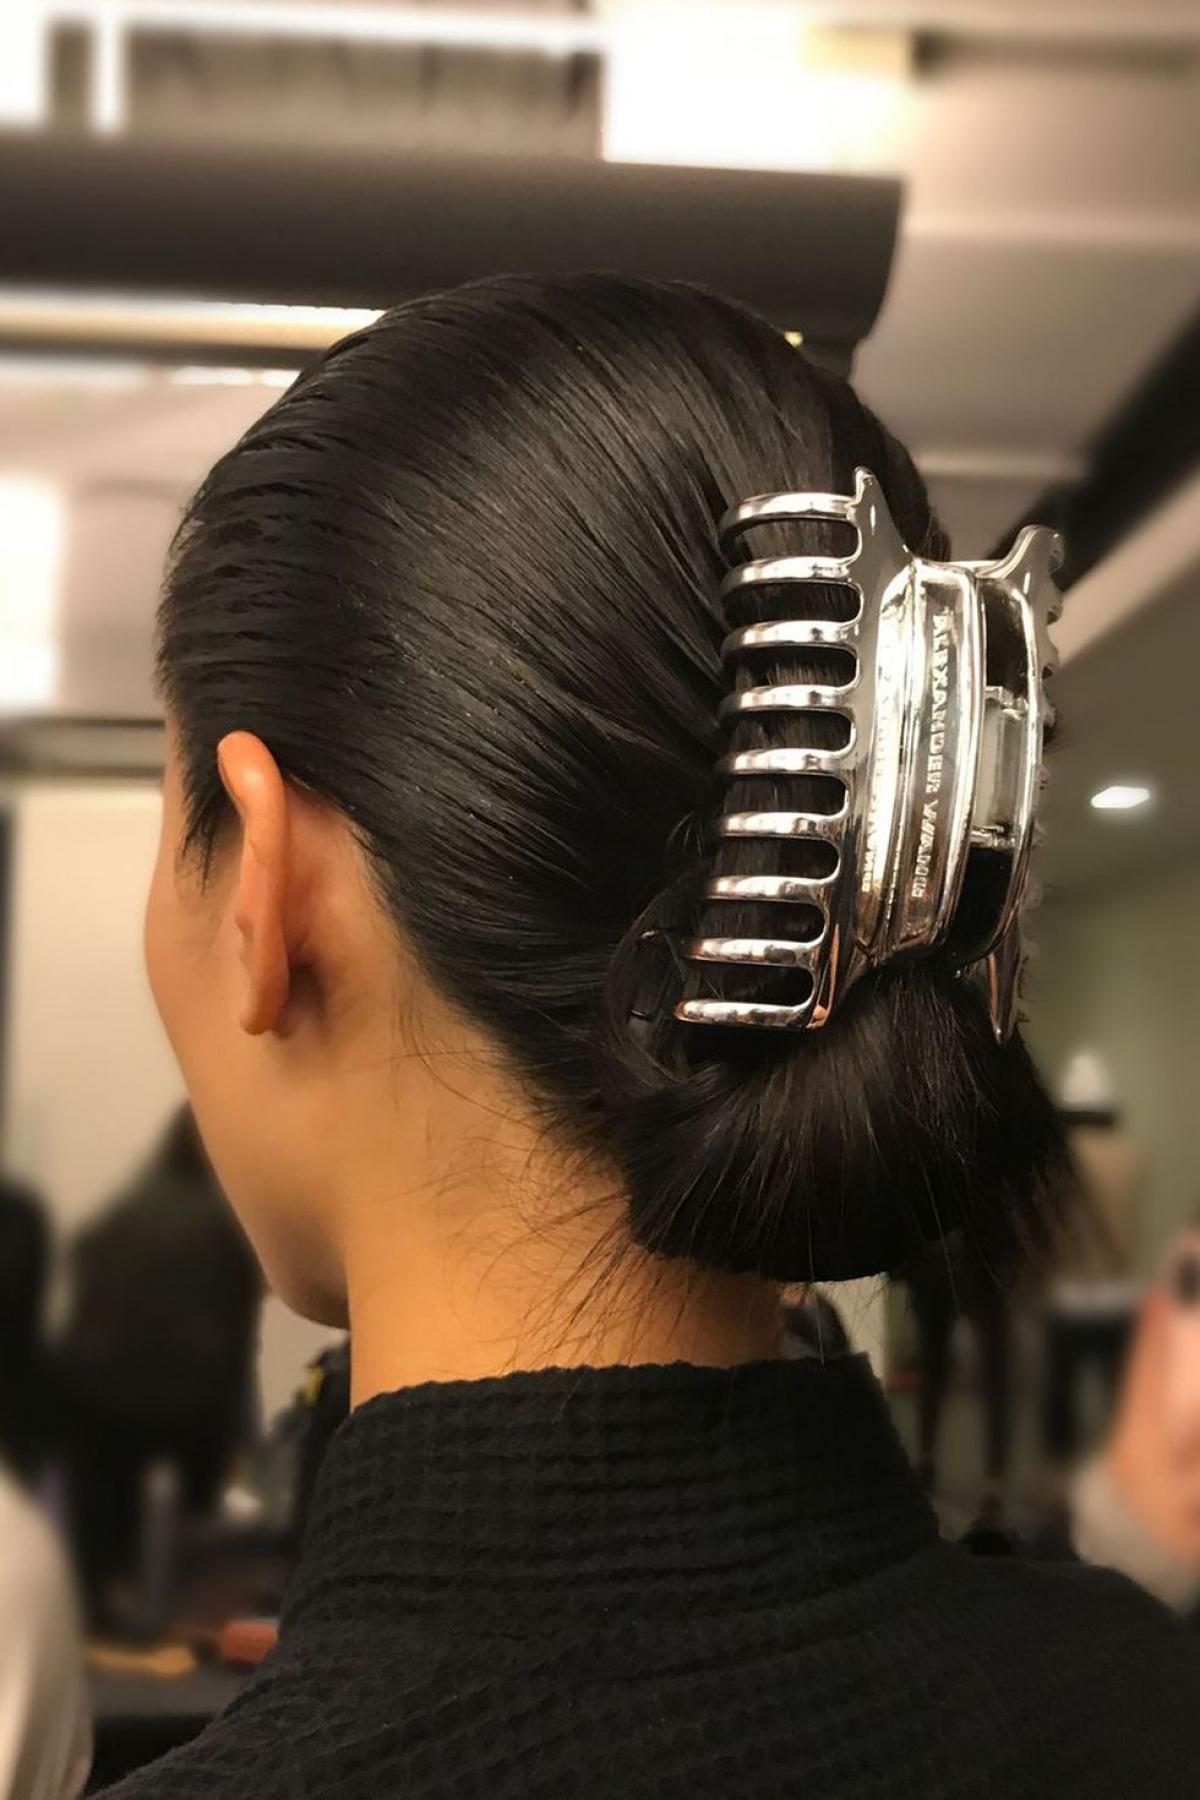 """Kẹp tóc: Những chiếc kẹp này được sử dụng để giữ tóc mà còn là phụ kiện thời trang thời thượng. Vào những năm 90, những chiếc kẹp này là phụ kiện tóc sang trọng nhất. Nhân vật Rachel Greene của Jennifer Aniston, trong """"Friends"""", là một người hâm mộ cuồng nhiệt của phụ kiện này. Những chiếc kẹp này còn xuất hiện trong buổi trình diễn Thu / Đông 2018 của Alexander Wang."""